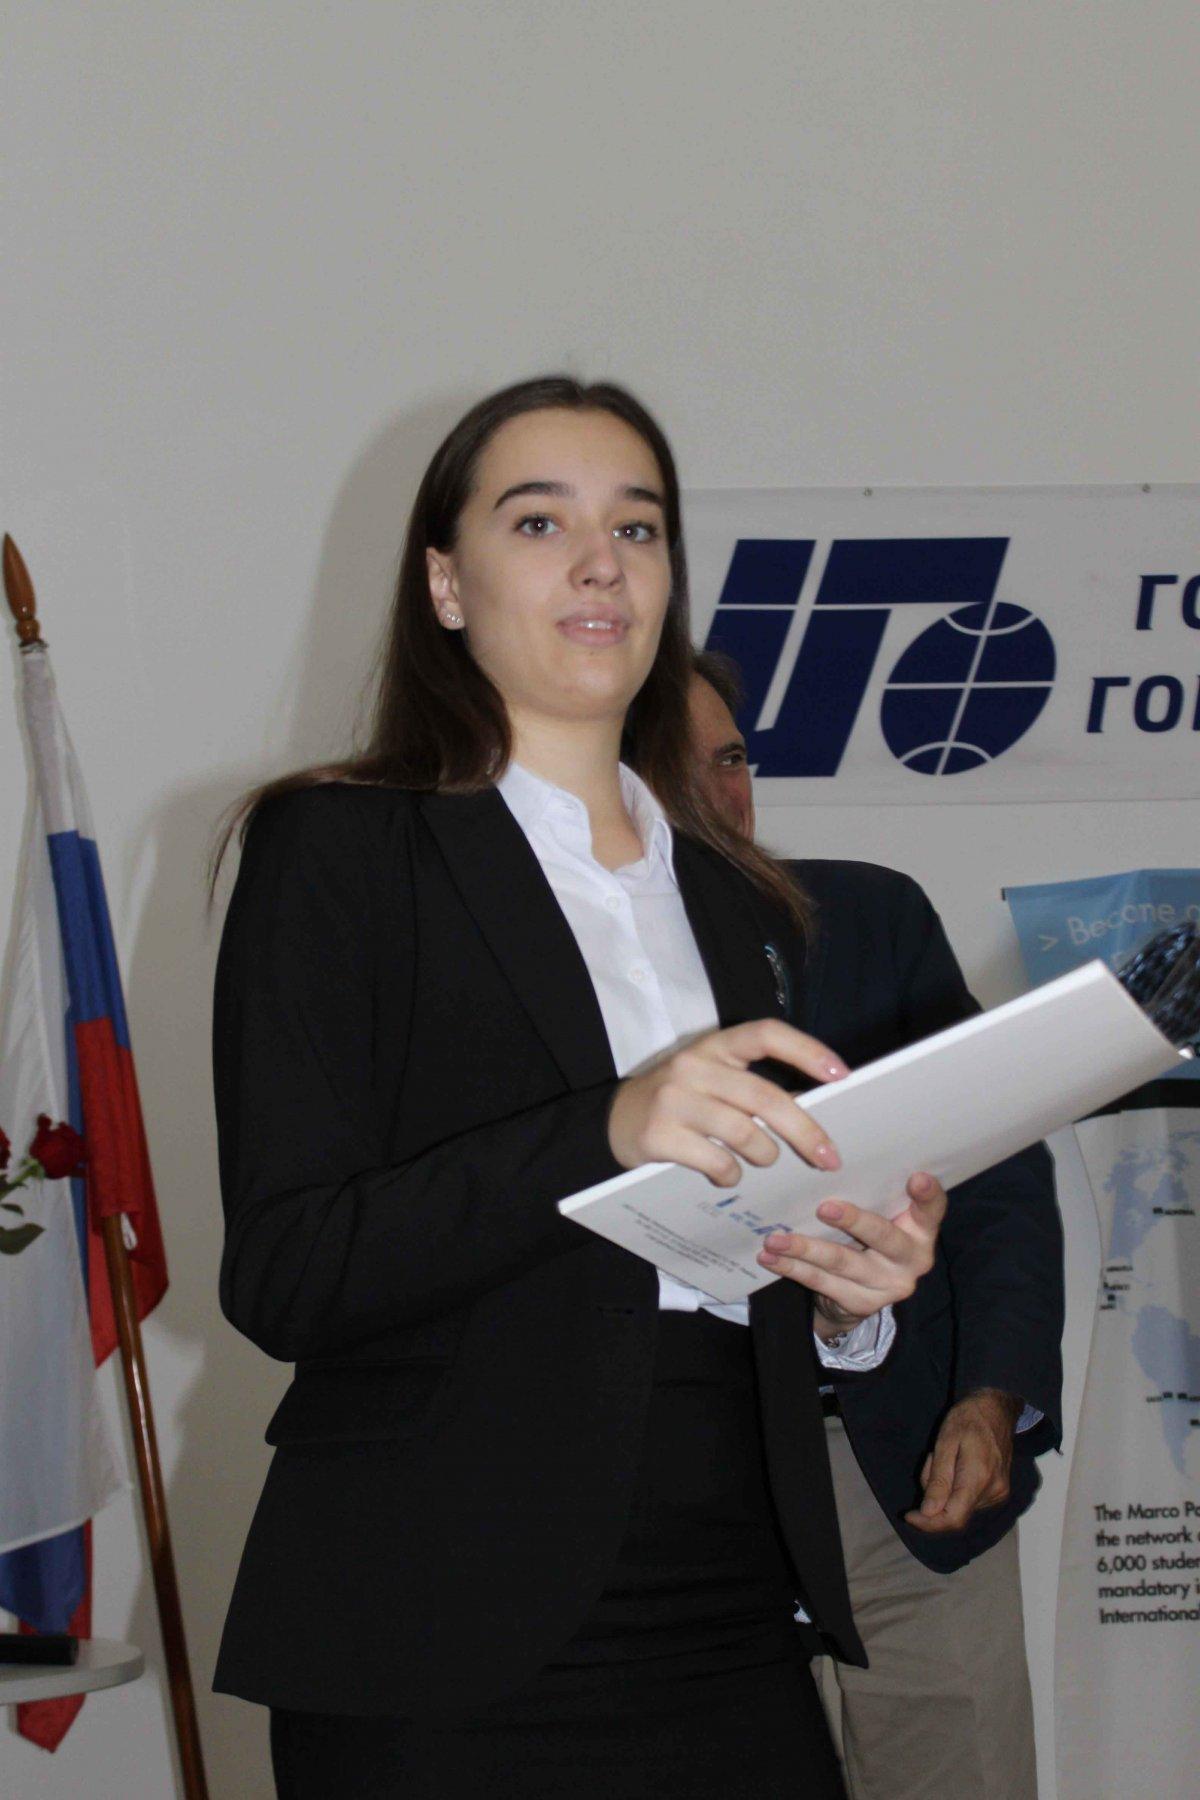 Vatel МОСКВА (Moscow) - Торжественная церемония приема студентов 1-го  курса набор 2017 - 15